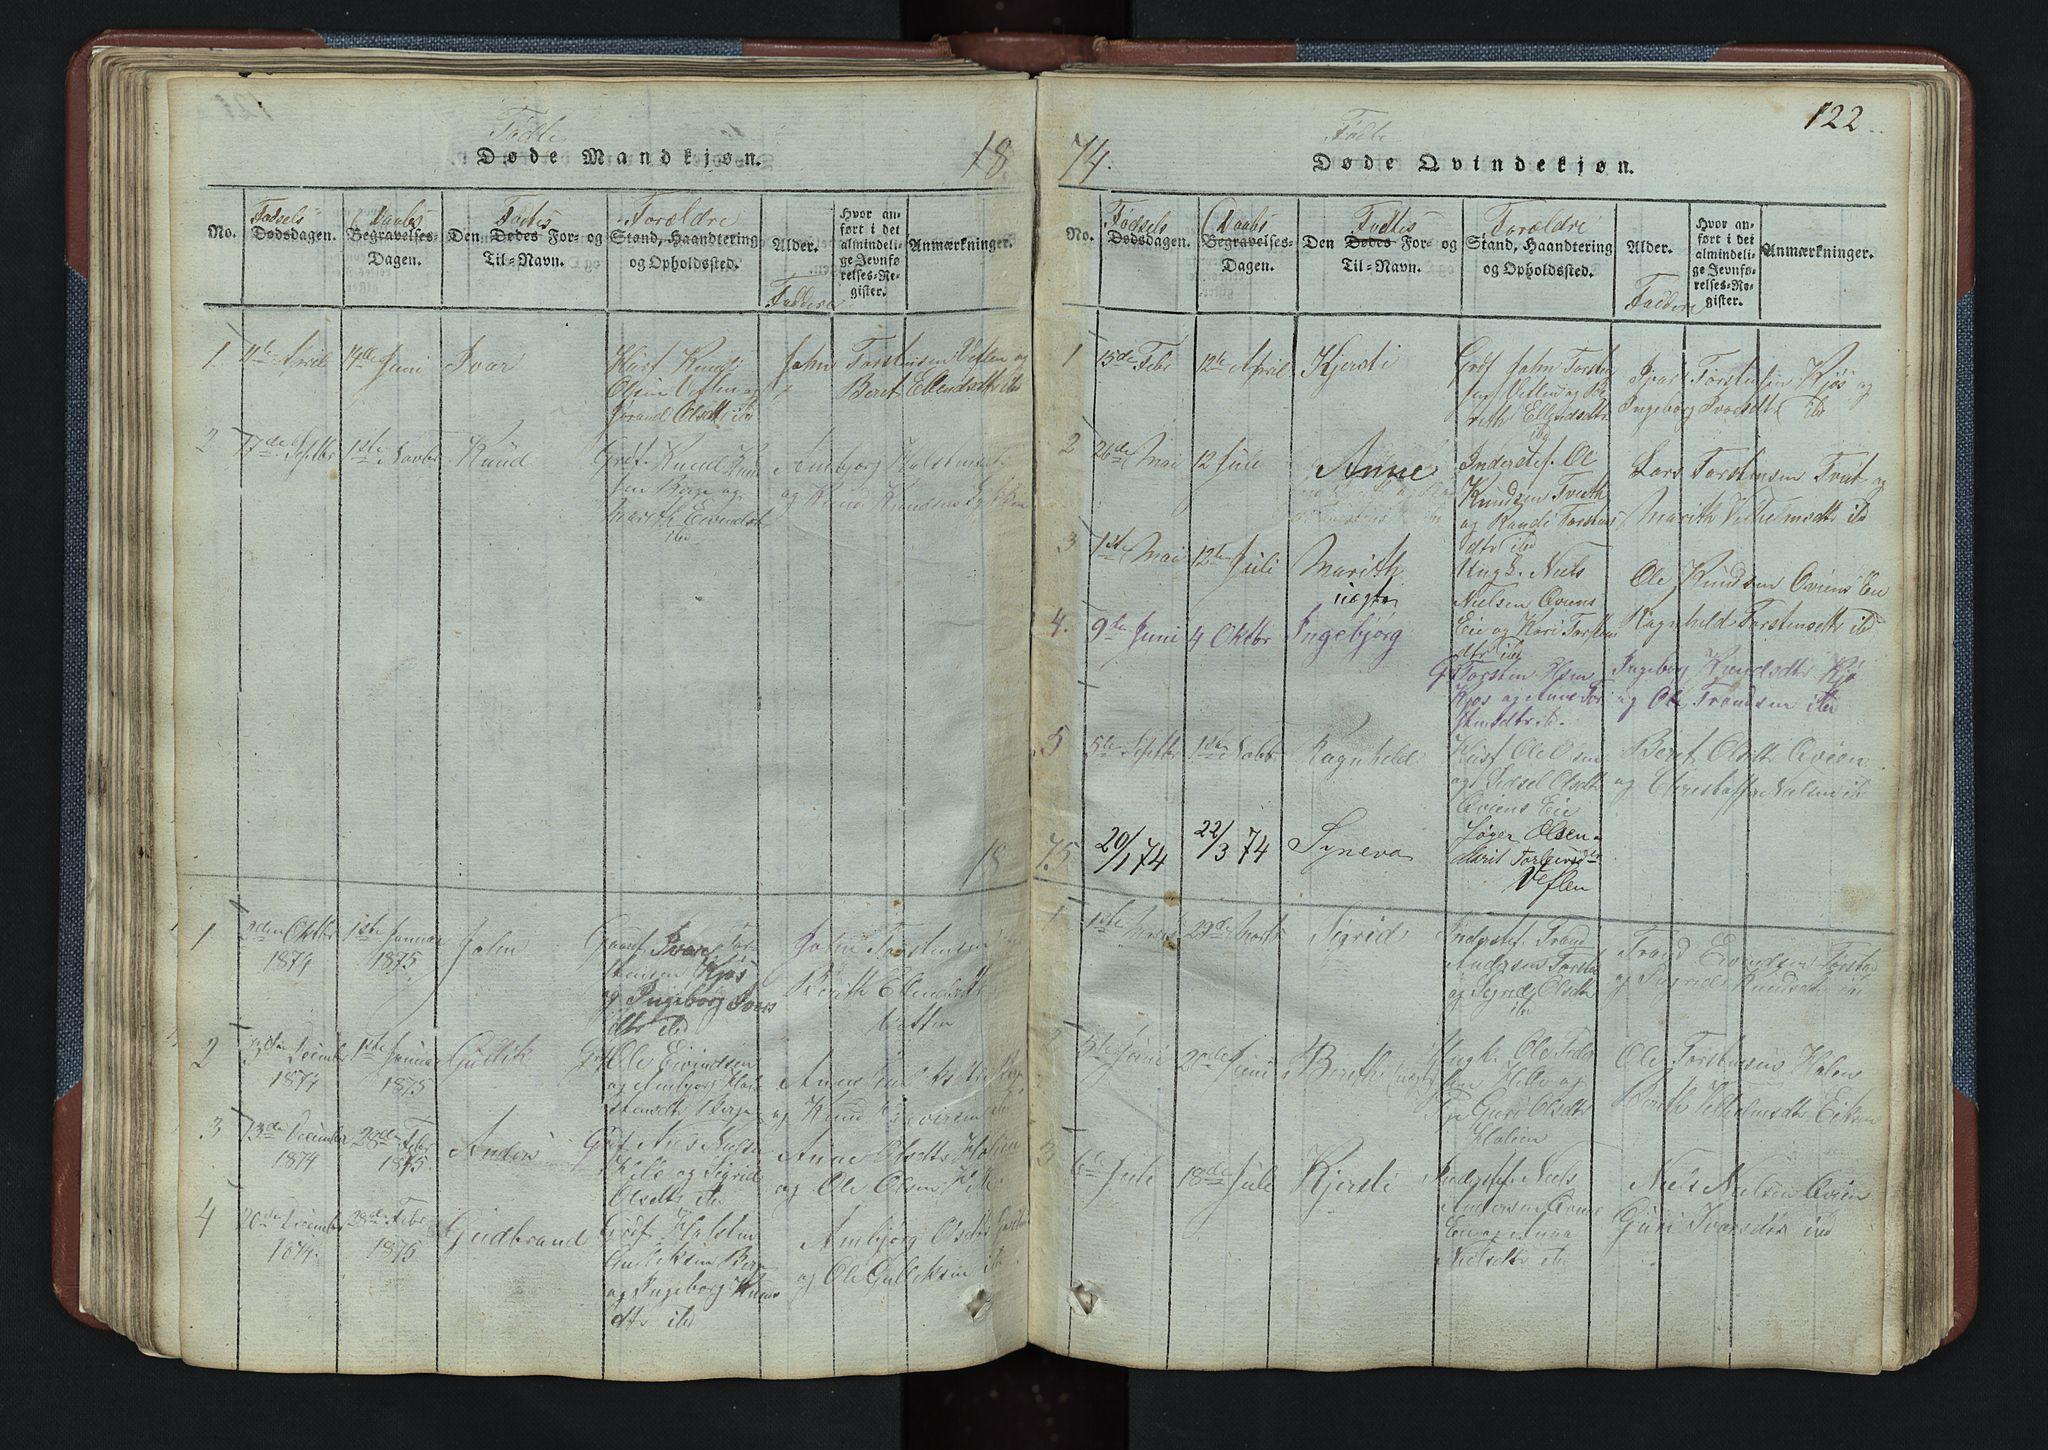 SAH, Vang prestekontor, Valdres, Klokkerbok nr. 3, 1814-1892, s. 122